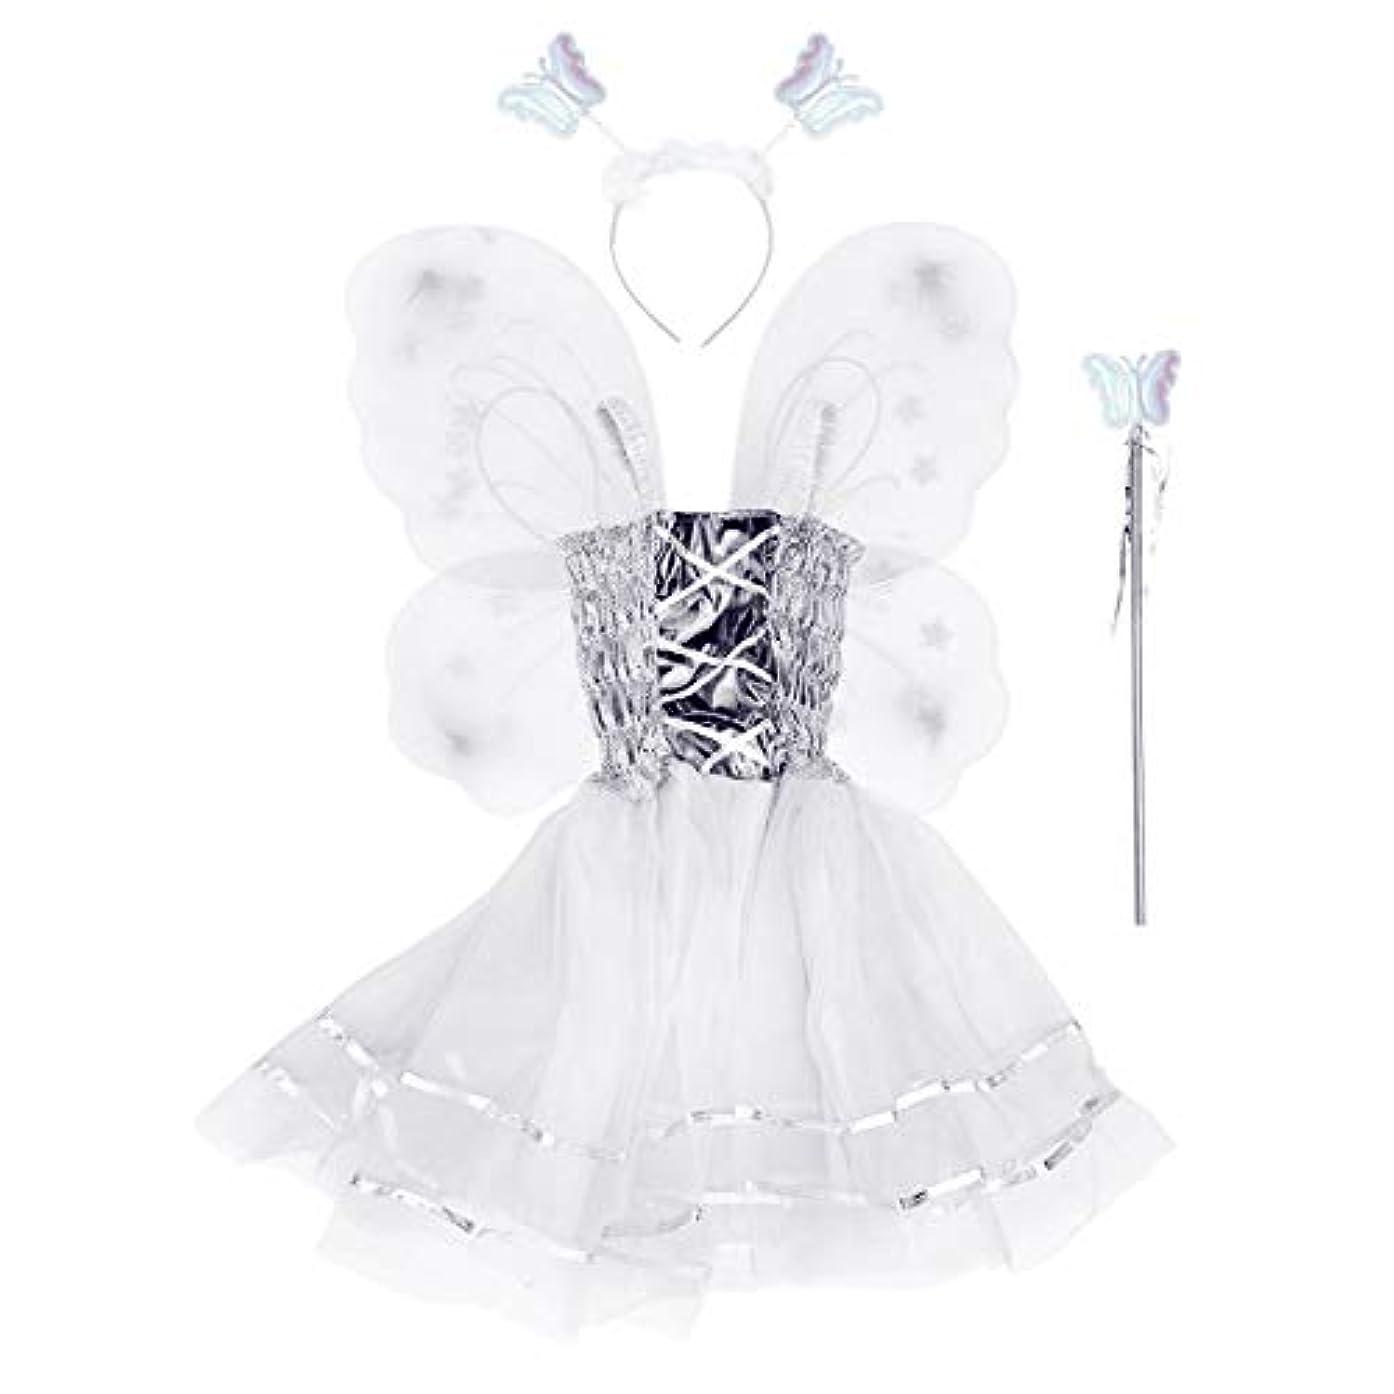 事実上軍隊のヒープBESTOYARD 4本の女の子バタフライプリンセス妖精のコスチュームセット蝶の羽、ワンド、ヘッドバンドとツツードレス(ホワイト)